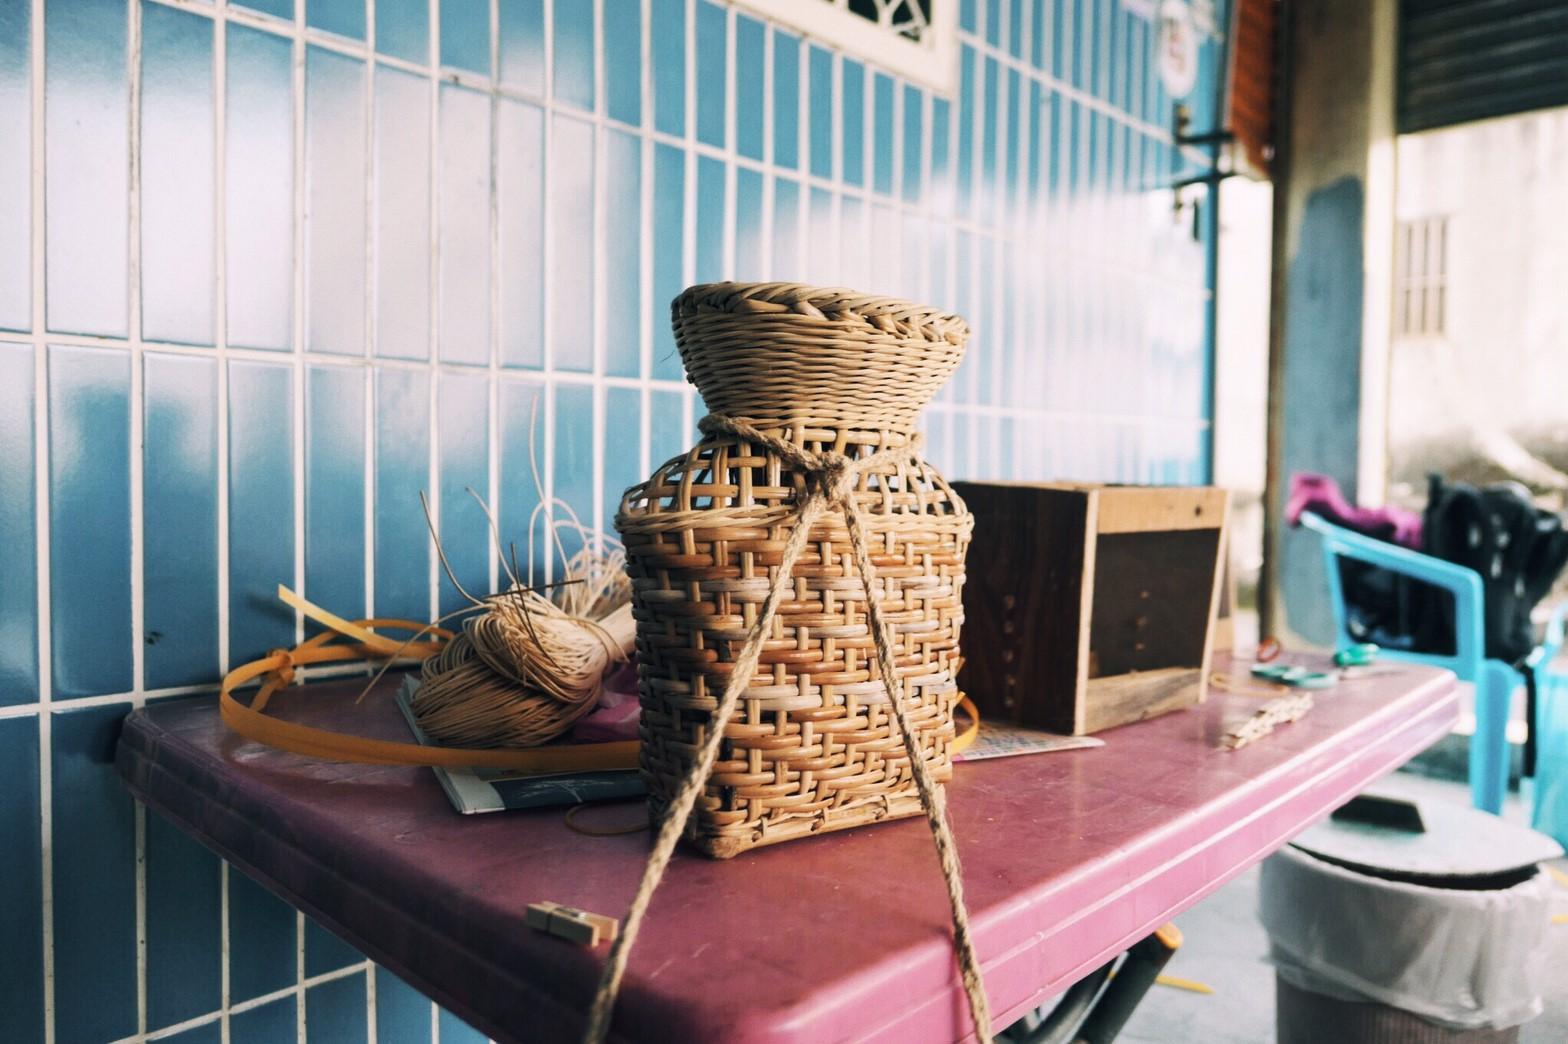 (圖中)魚簍,阿美族語為kapitan,為扁壺形,長方底,身部多以方格編法編制,頸部縮小,口部則以絞織編製。